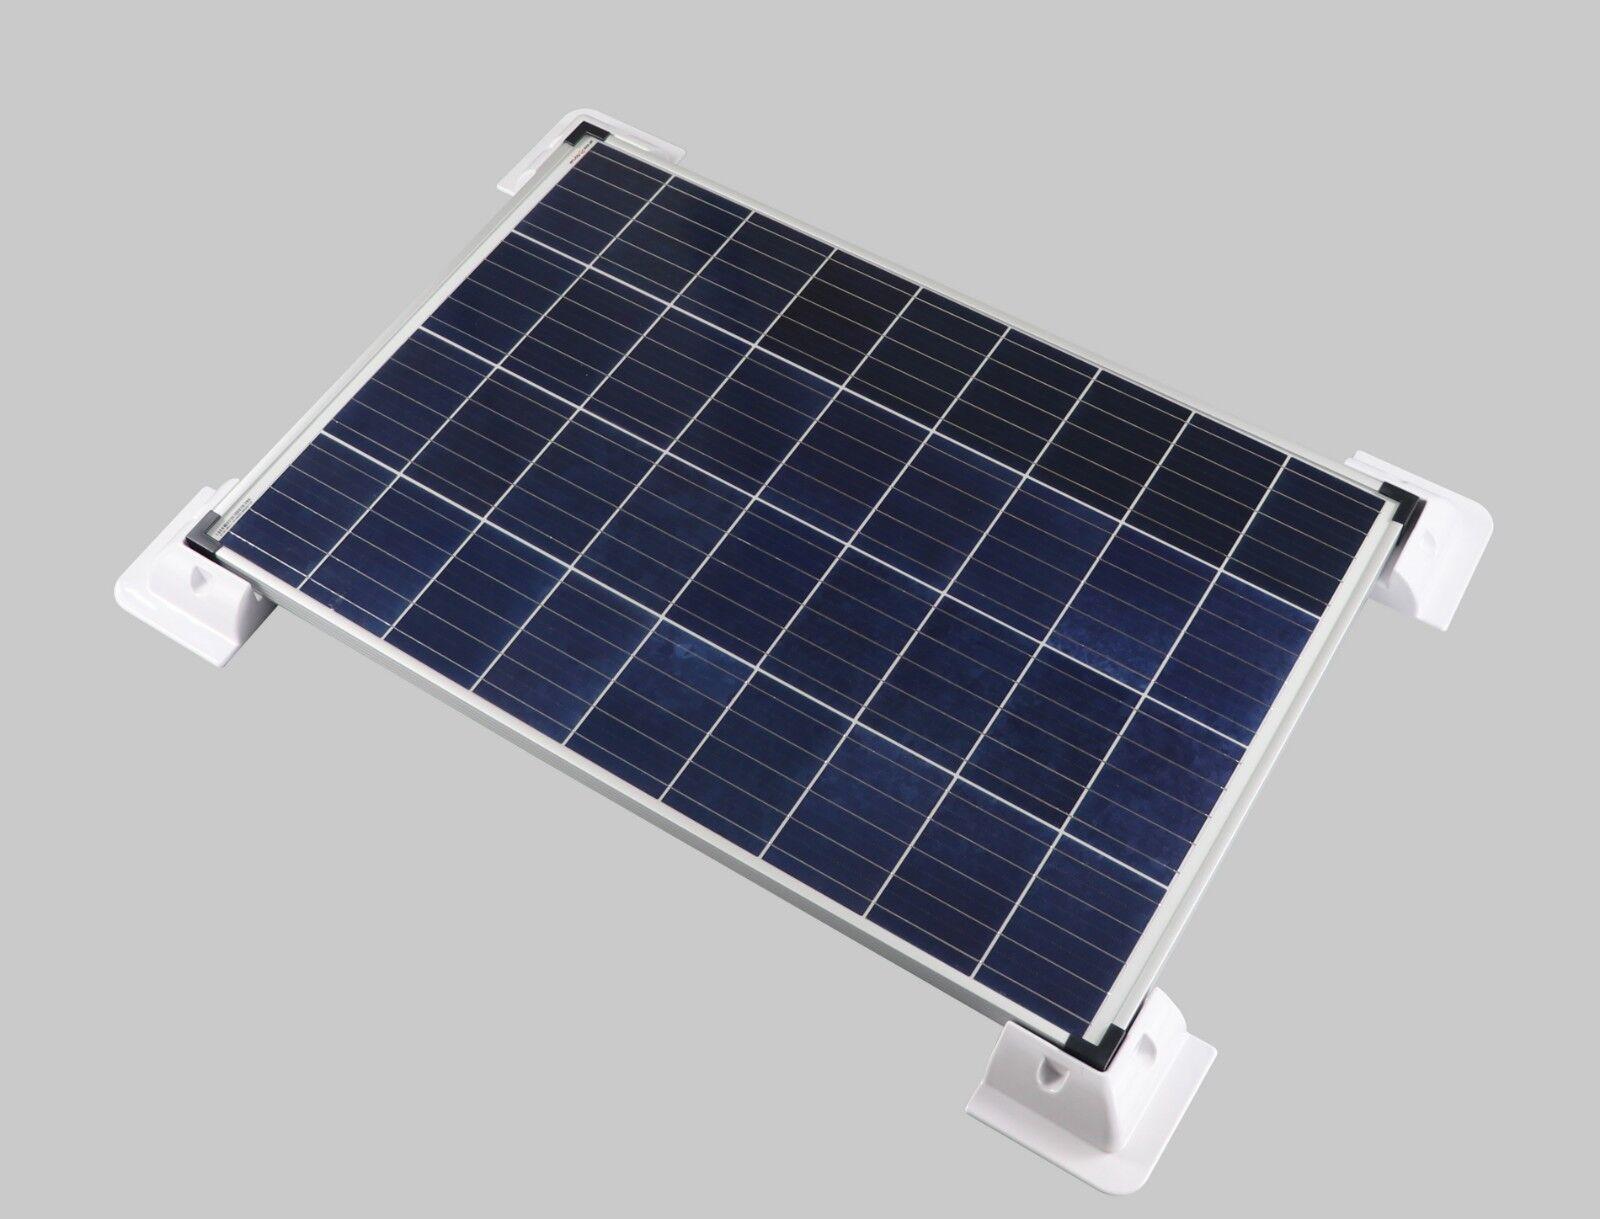 Photovoltaik-hausanlagen Haushaltsgeräte 1a-innovation Inselanlage Solaranlage 100 Watt Solarpanel Photovoltaik Pforzheim